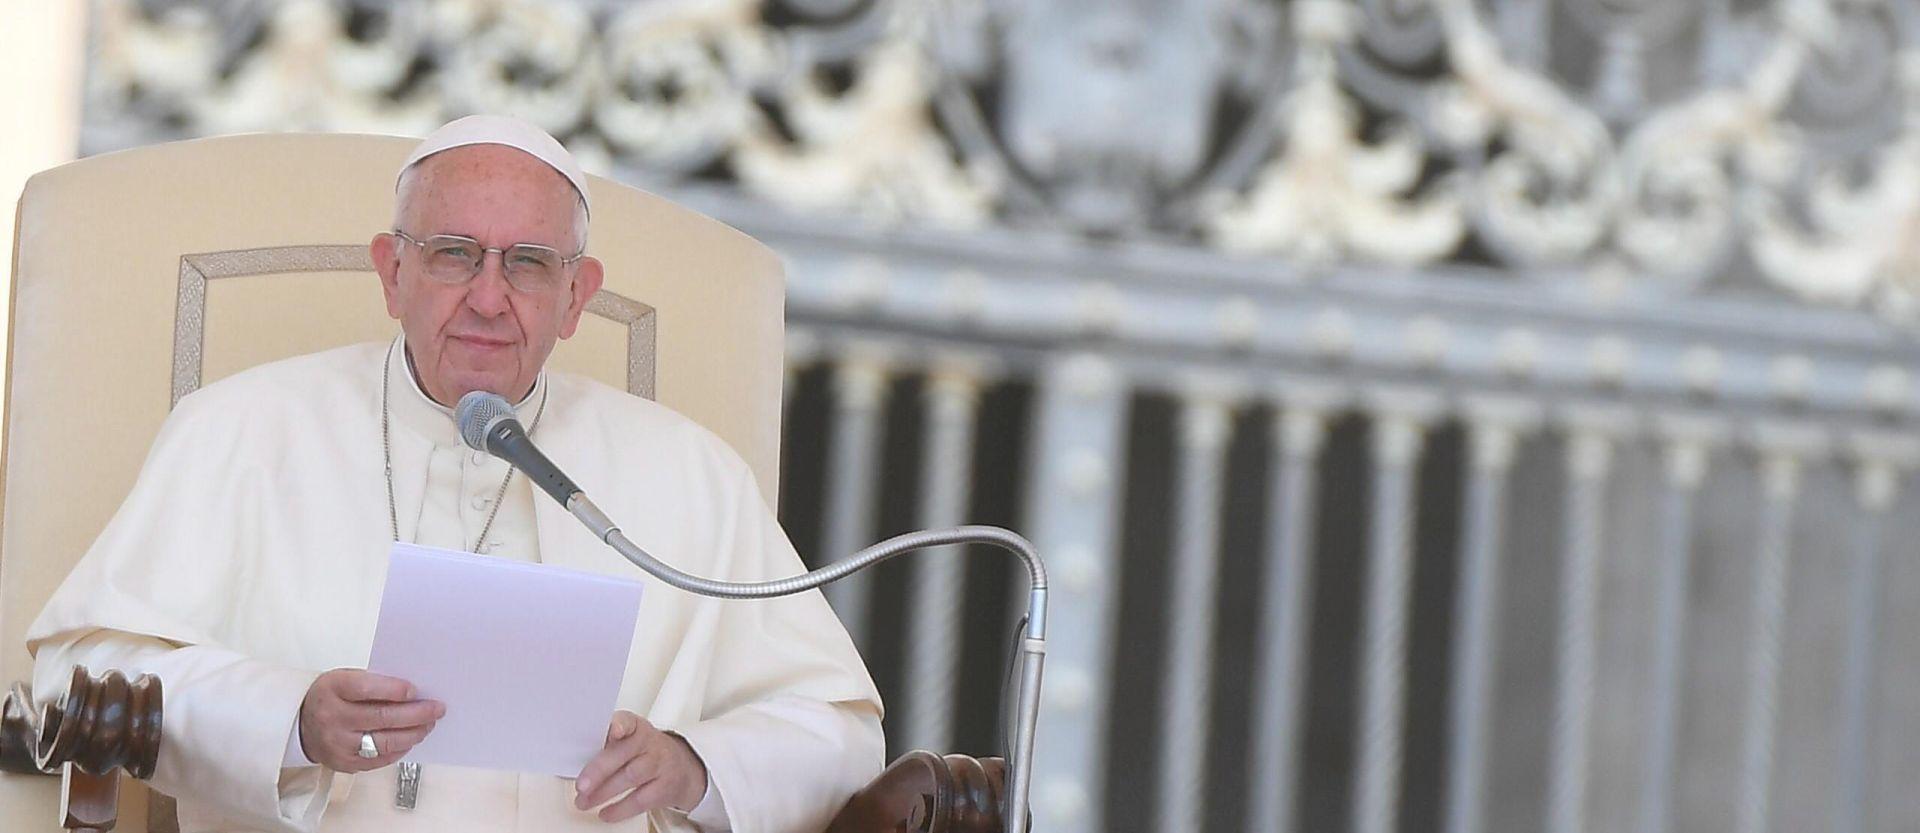 Papa će posjetiti Auschwitz tijekom puta u Poljsku u srpnju